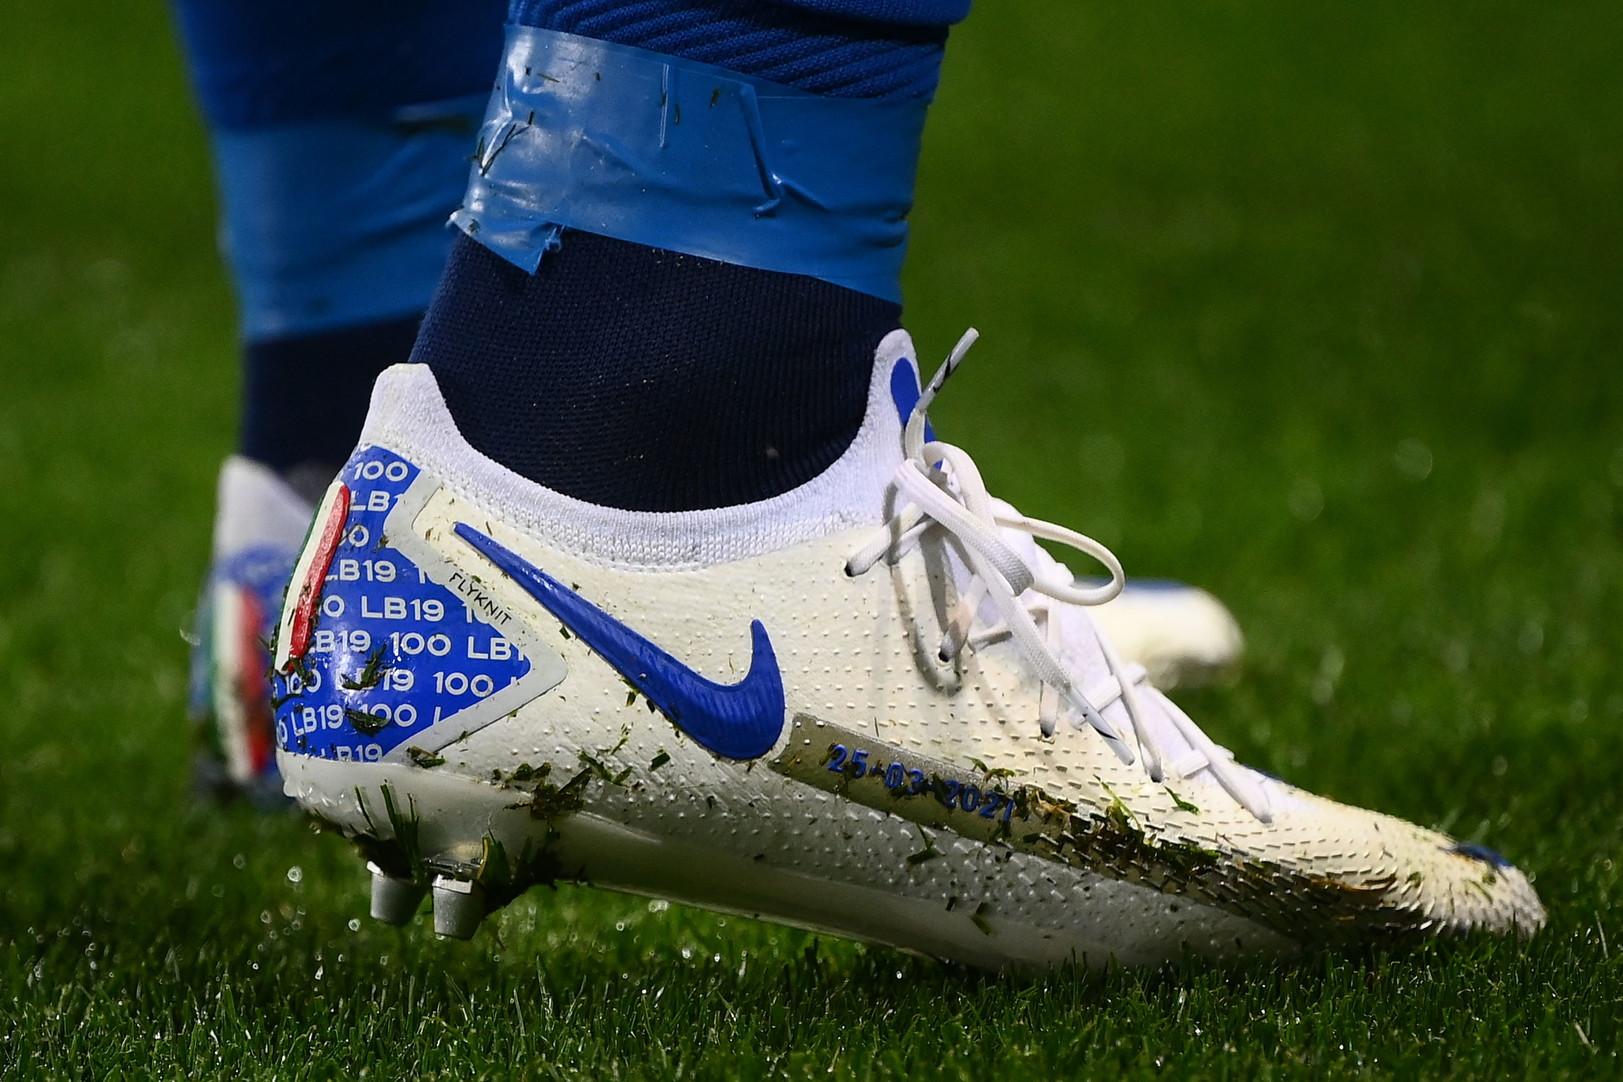 Serata speciale per Leonardo Bonucci che, al calcio d&#39;inizio di Italia-Irlanda del Nord, ha festeggiato la presenza numero 100 con la maglia della Nazionale, traguardo che in pochi hanno avuto l&#39;onore di tagliare nel corso della storia. Bonucci &egrave; infatti solo l&#39;ottavo giocatore ad entrare nella ristretta cerchia dei &#39;centenari&#39; azzurri dopo Gianluigi Buffon (176), Fabio Cannavaro (136), Paolo Maldini (126), Daniele De Rossi (117), Andrea Pirlo (116), Dino Zoff (112) e Giorgio Chiellini (106). Una serata da celebrare con un paio di scarpe speciali&hellip;<br /><br />